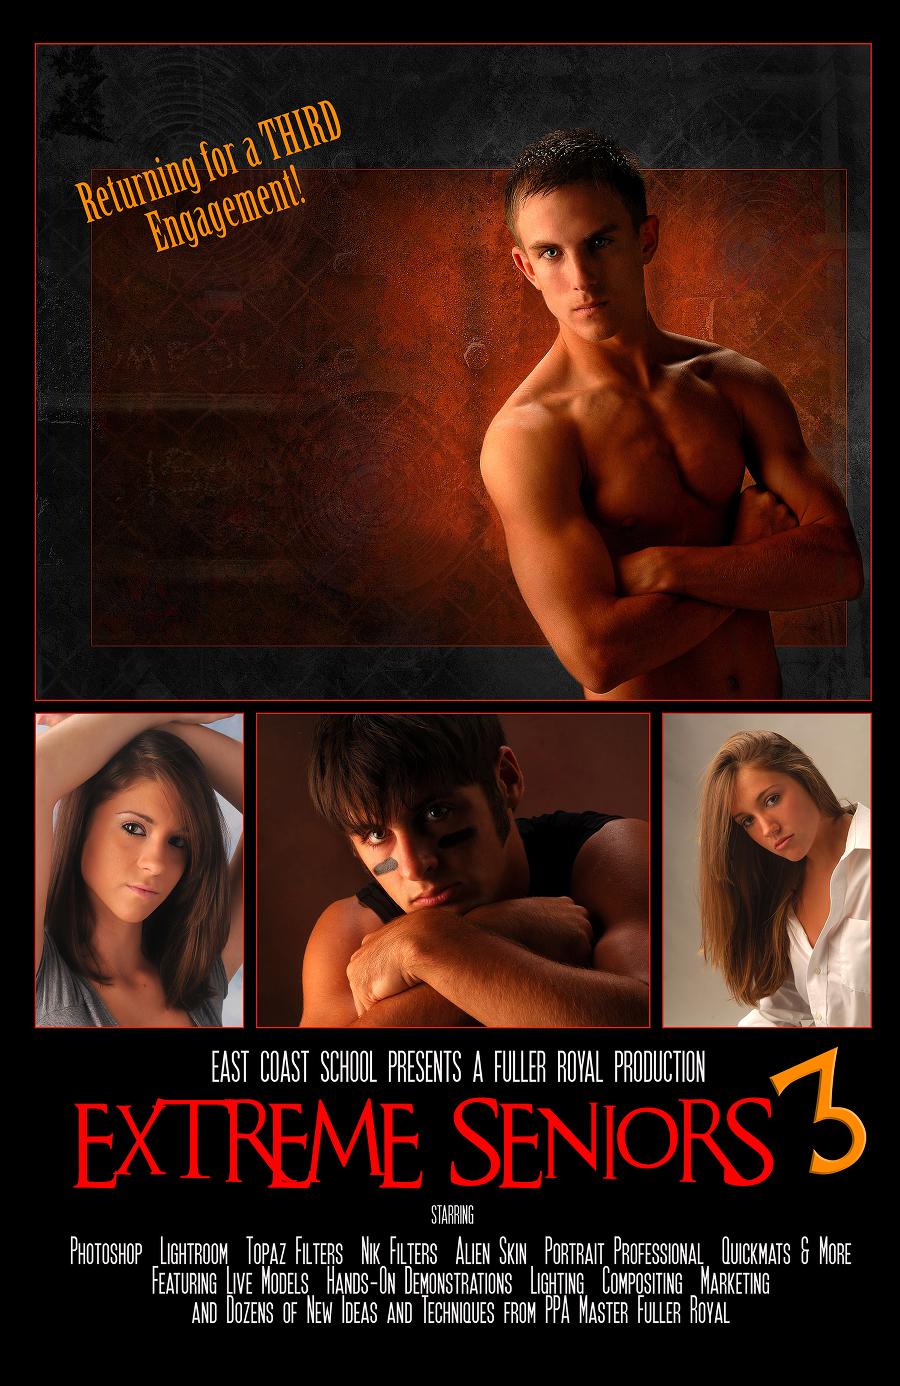 ecs.movie.one